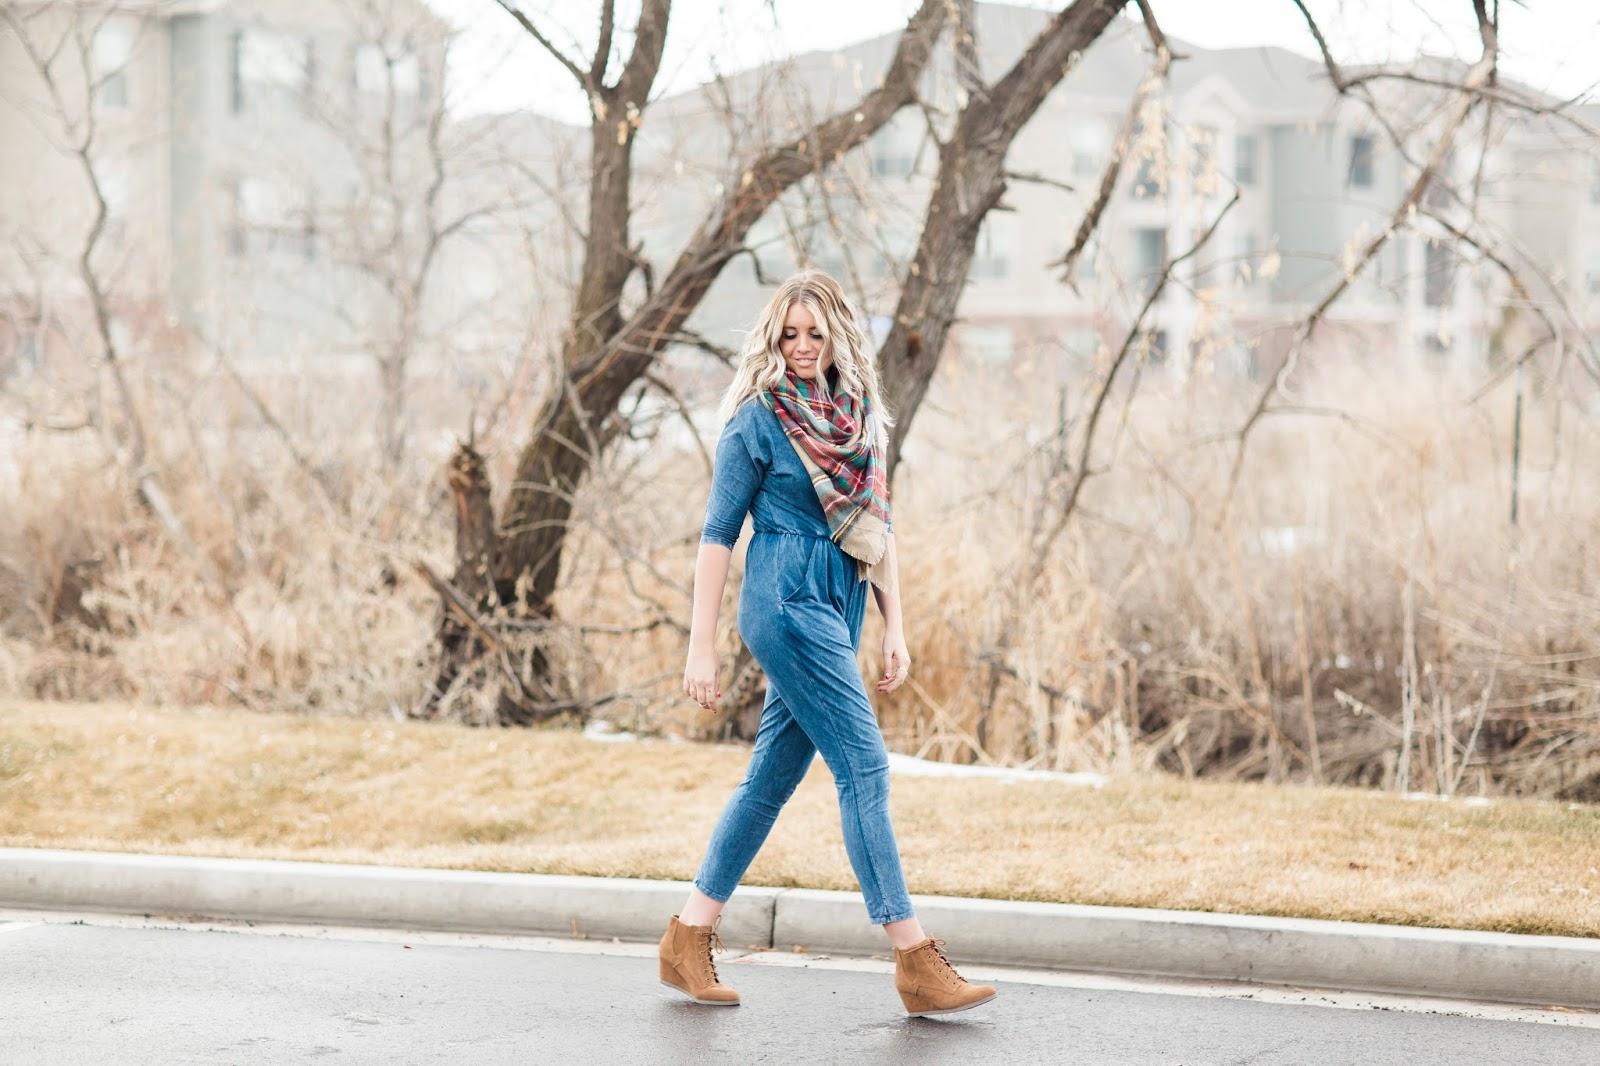 Utah Fashion Blogger, Ross, Modest